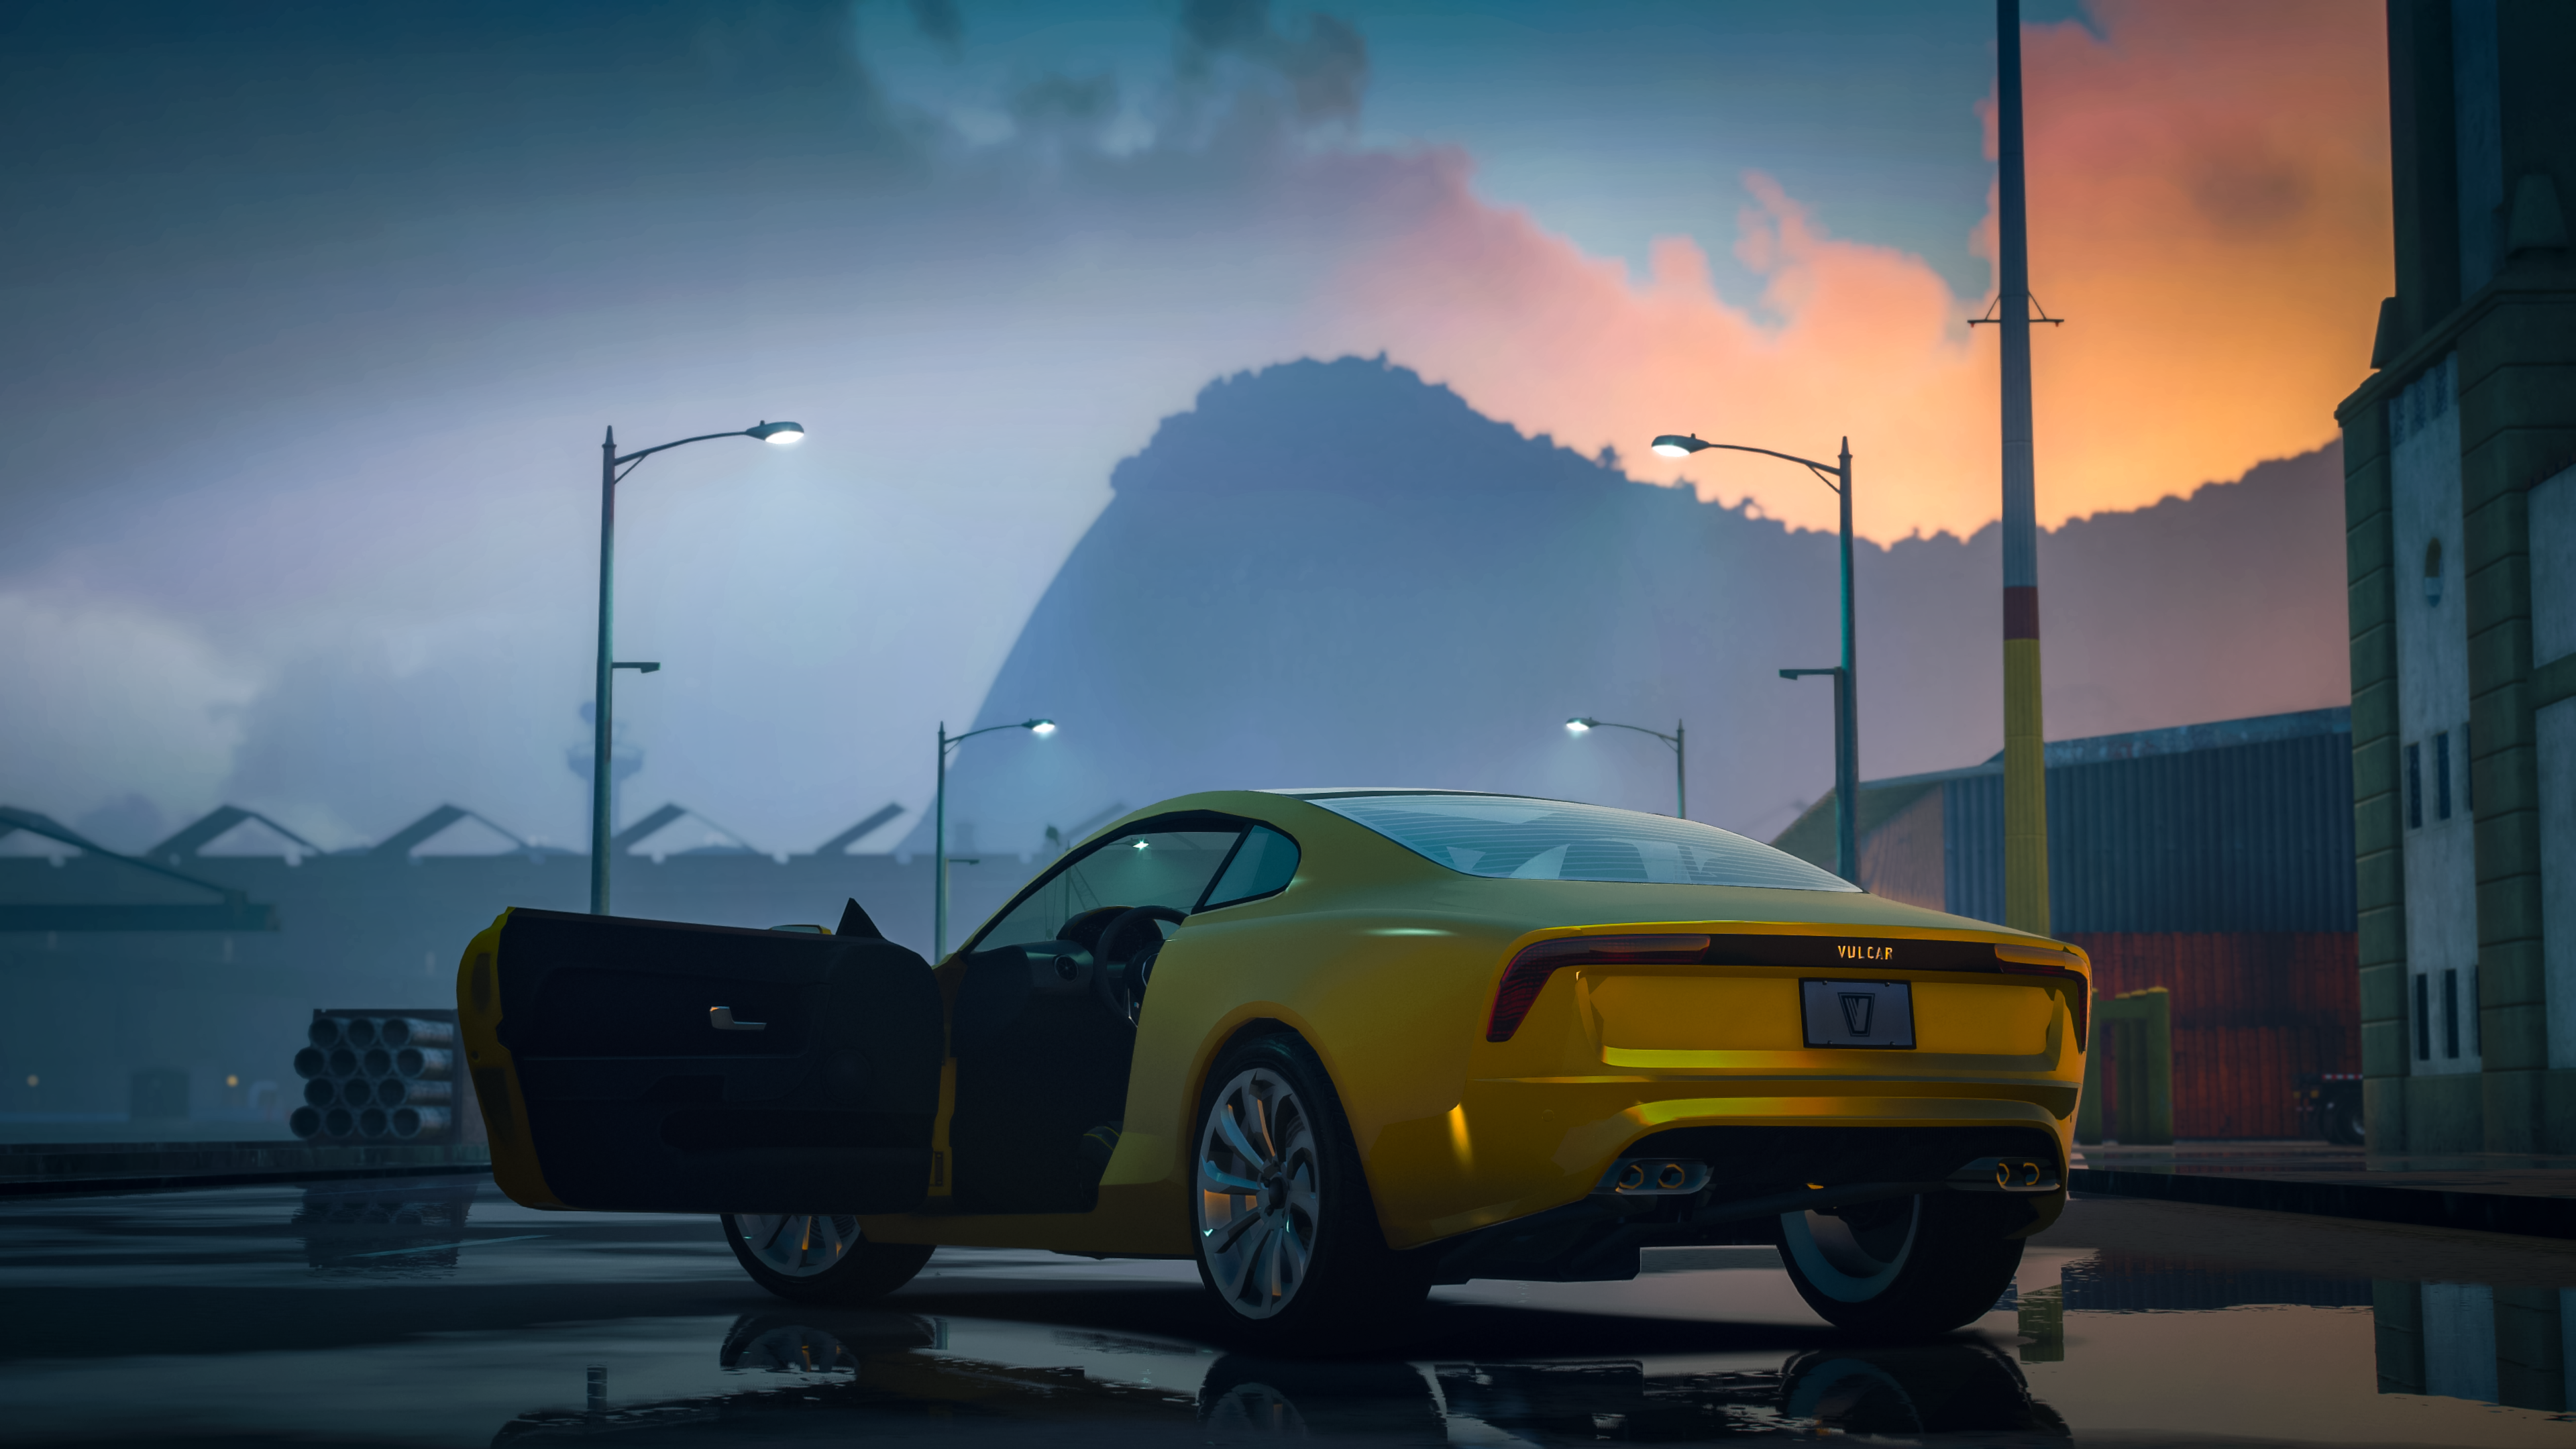 Grand_Theft_Auto_V_Screenshot_2020.09.02